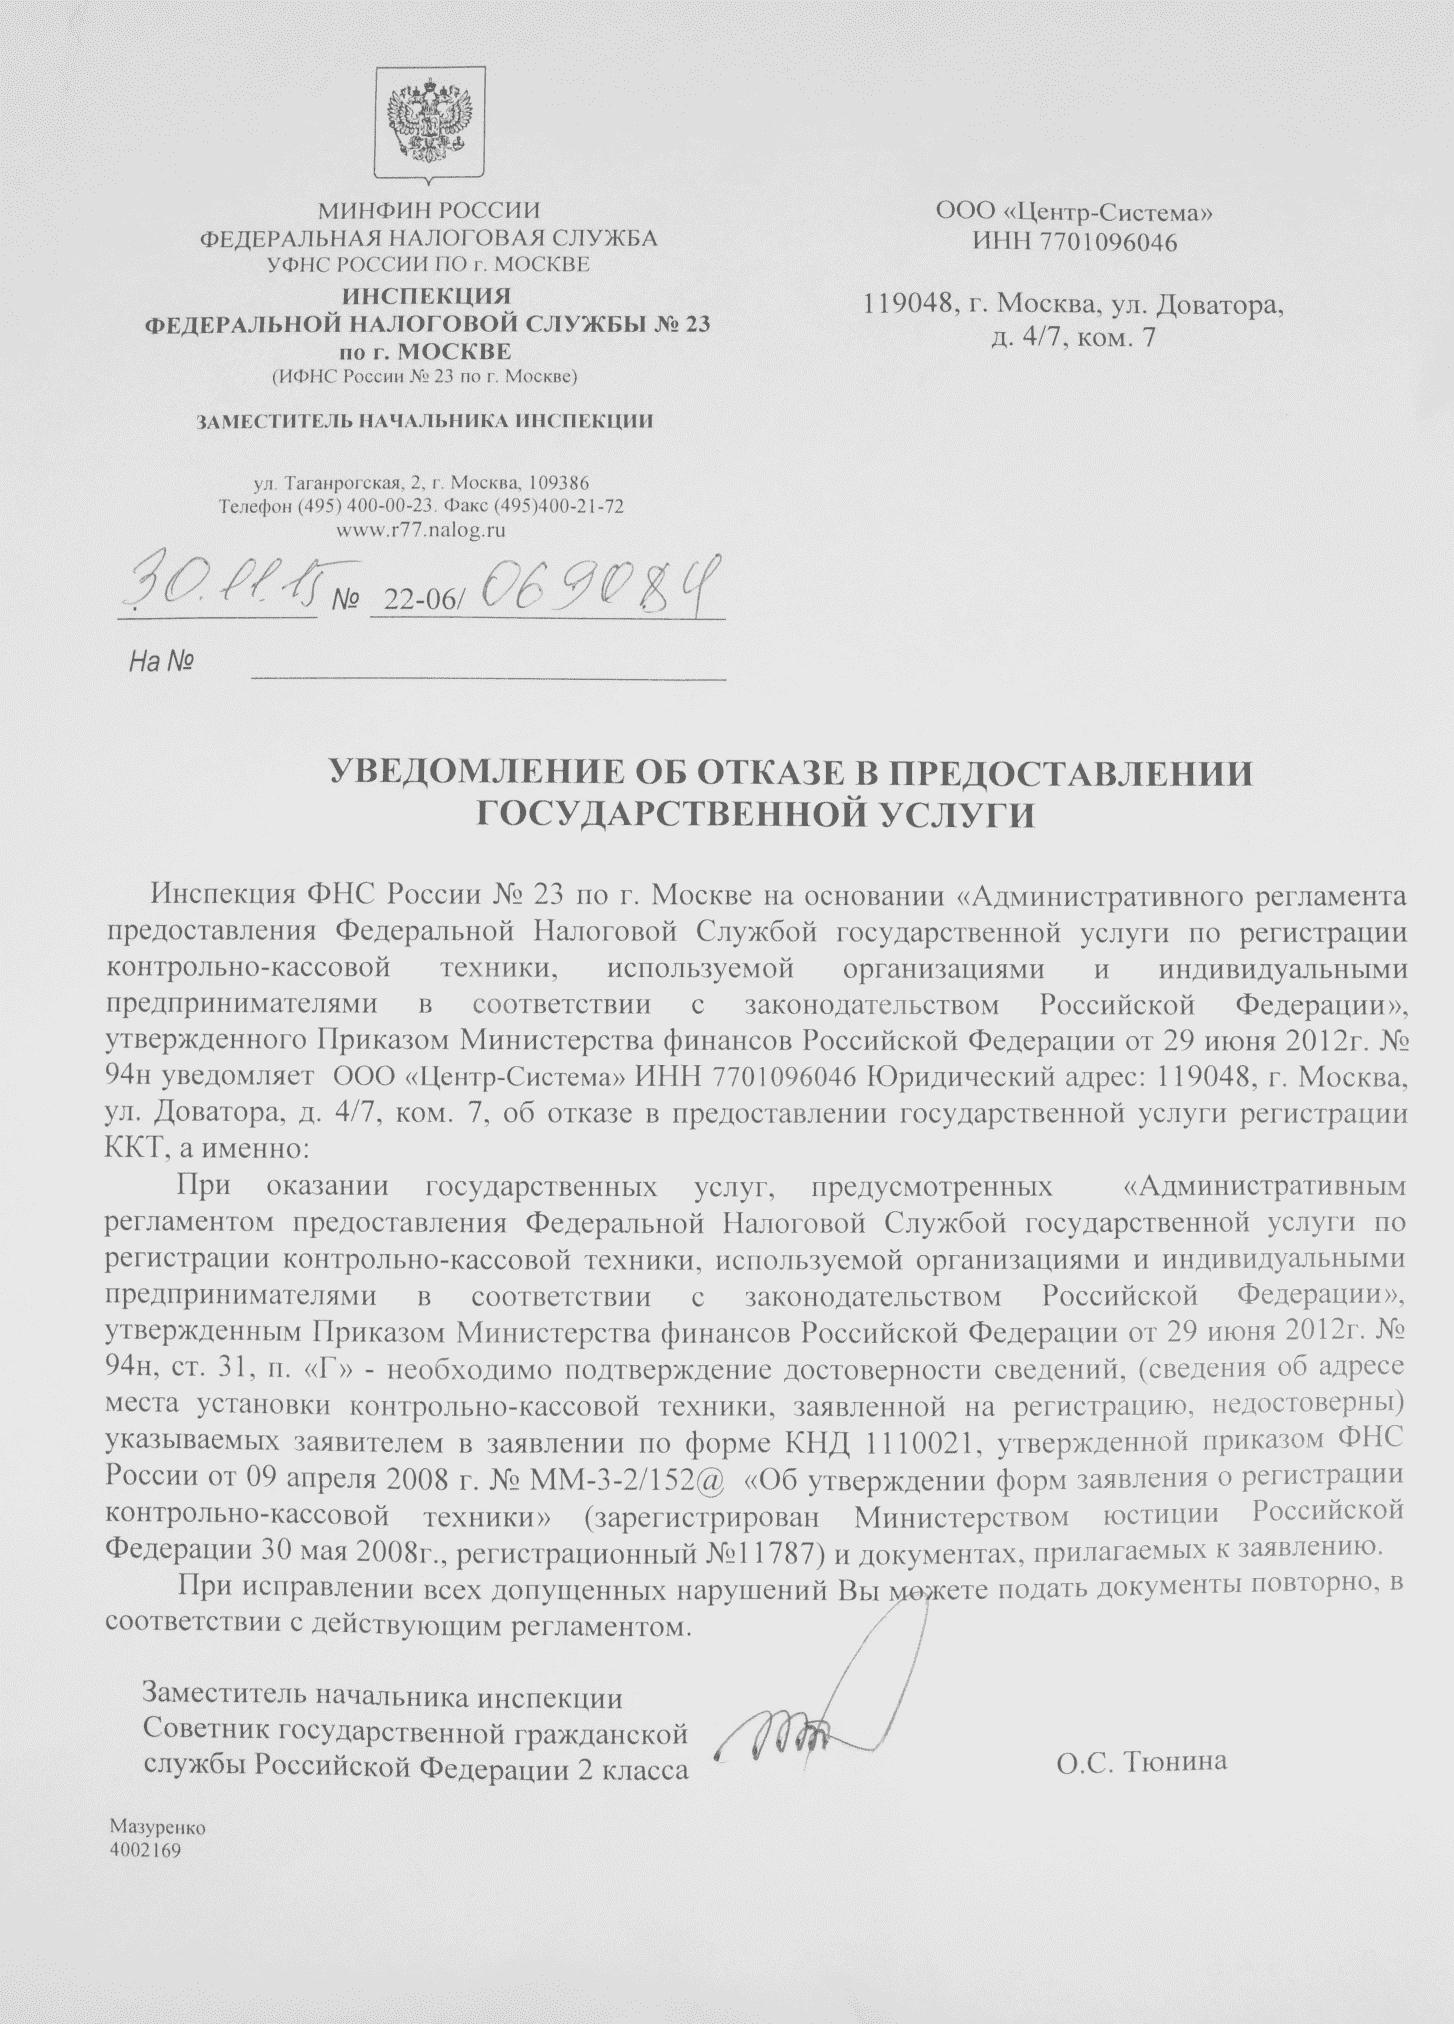 бланк заявления формы мм-3-2/152